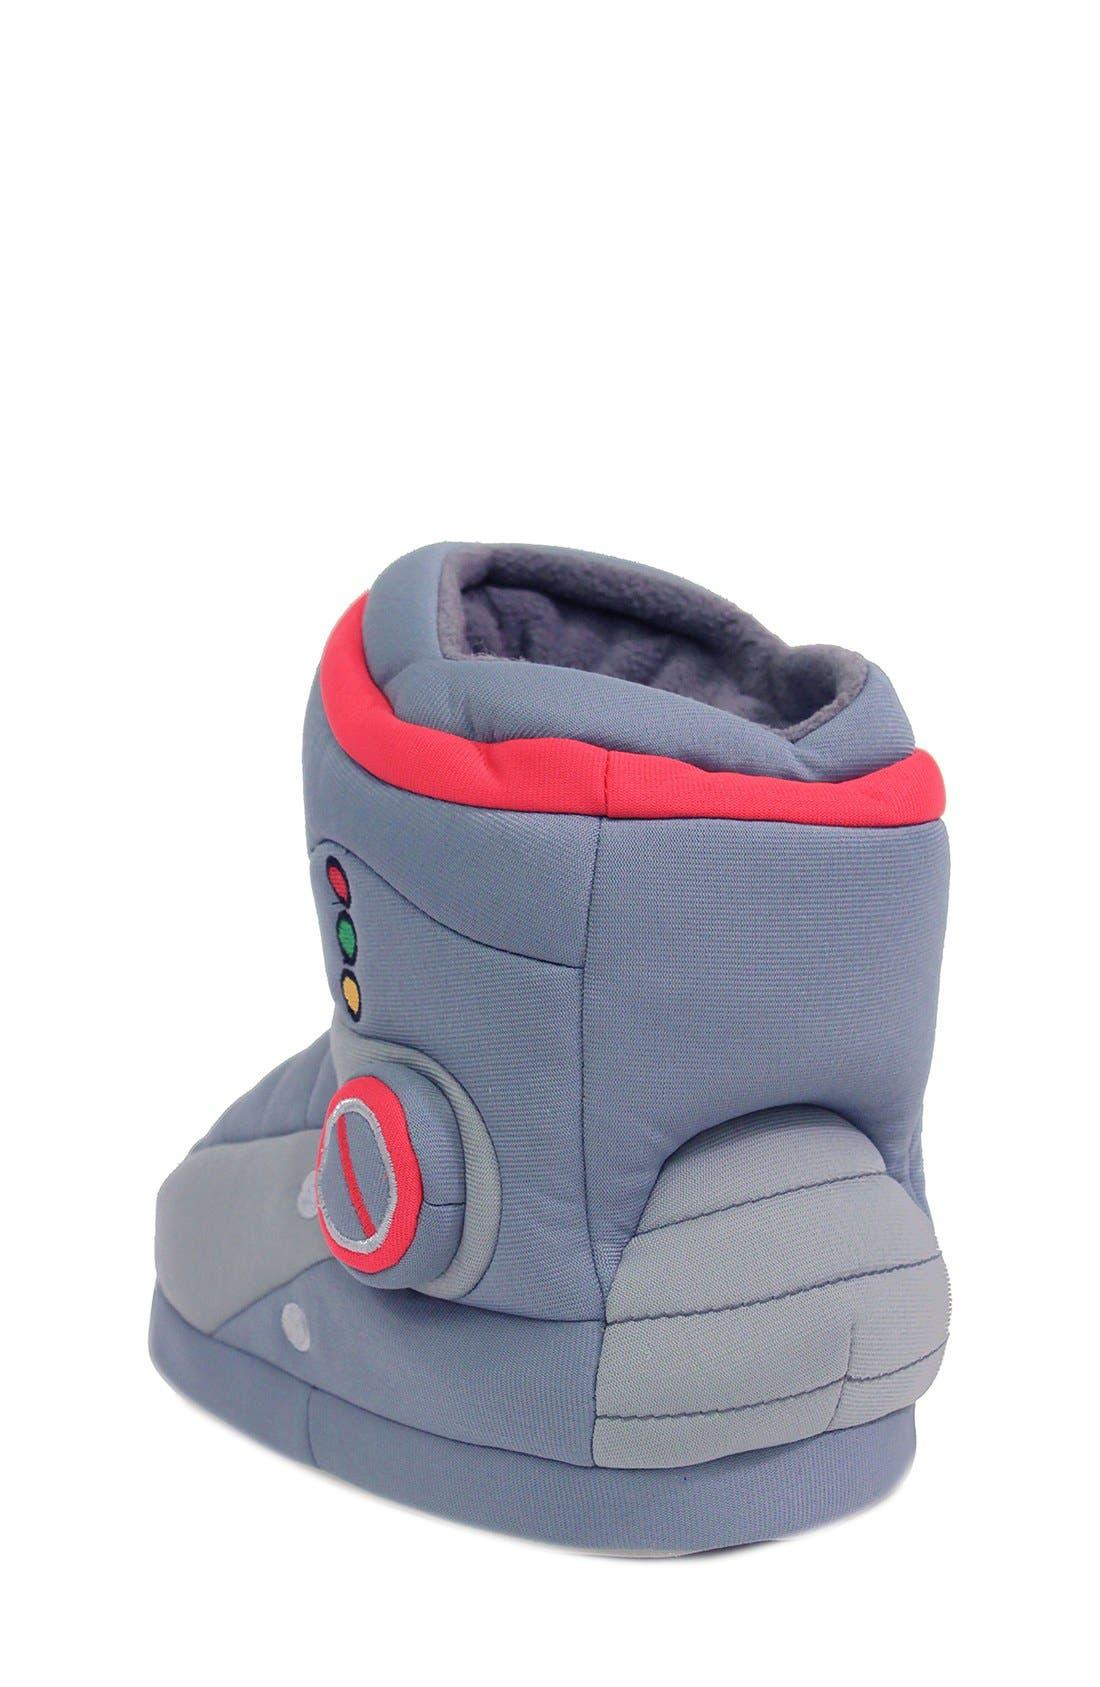 Alternate Image 2  - Trimfit Robot Slipper Boot (Toddler & Little Kid)